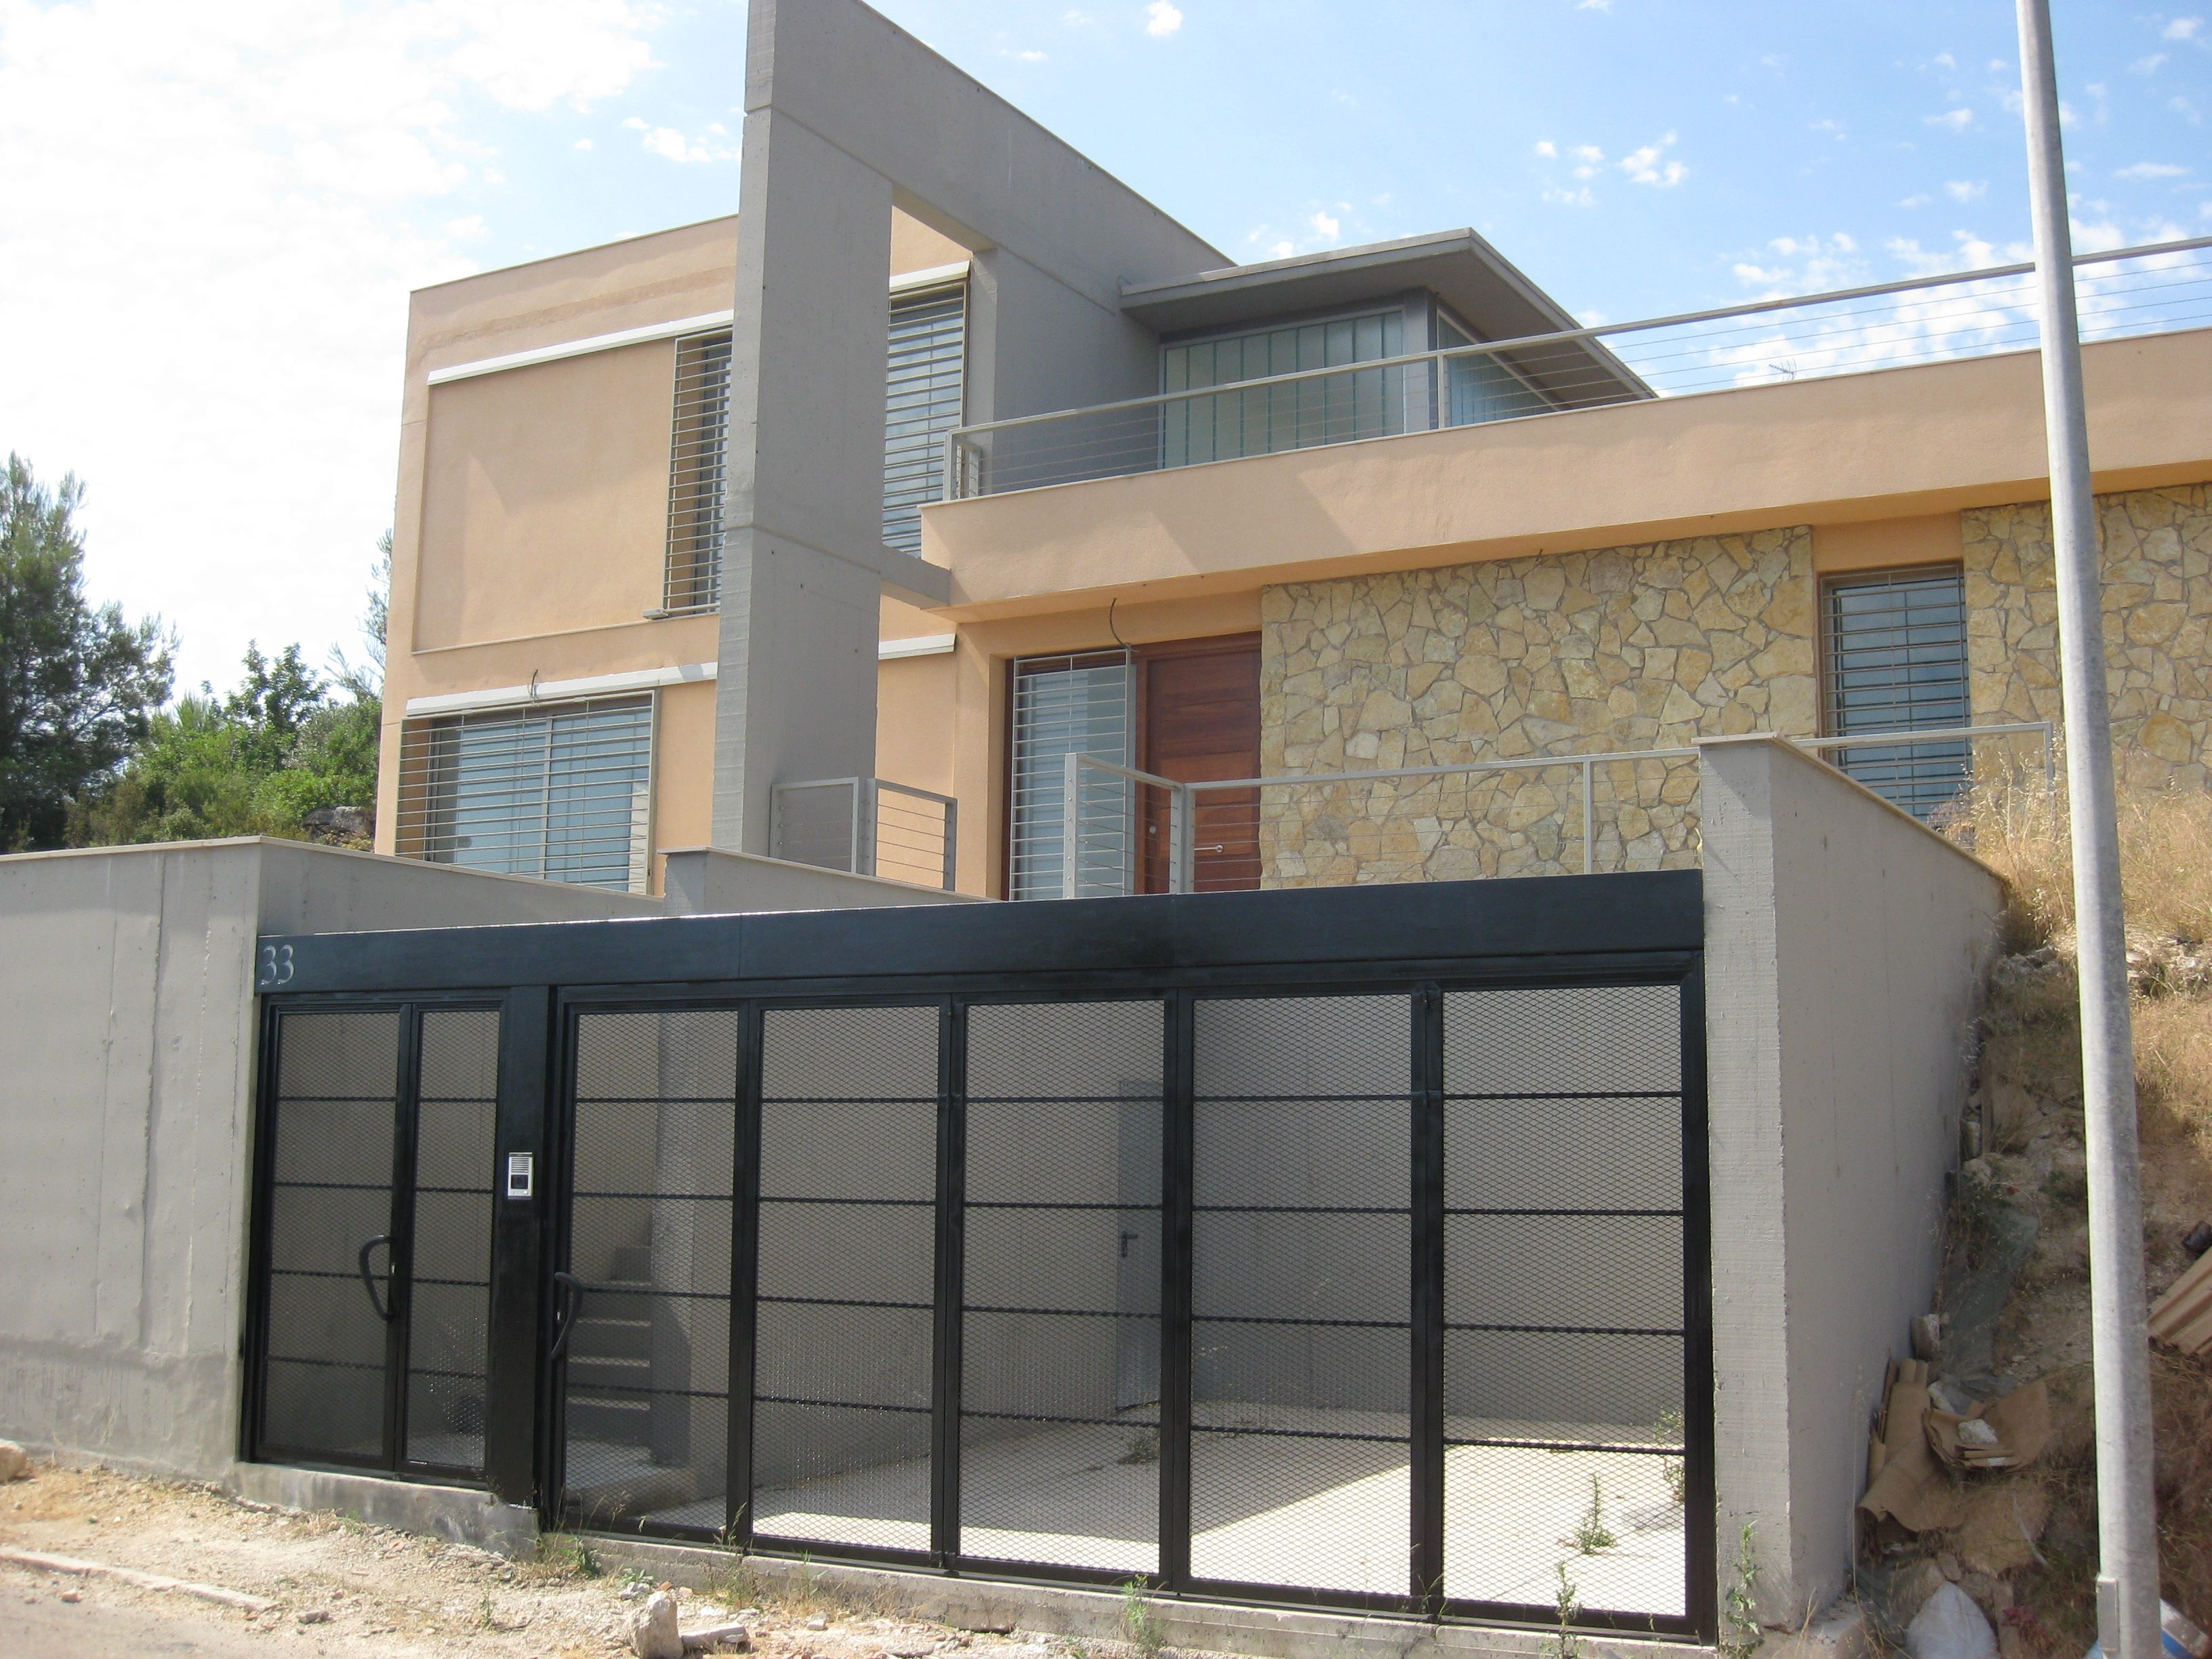 Casas moderno exterior garaje puertas fachada for Casas en garajes